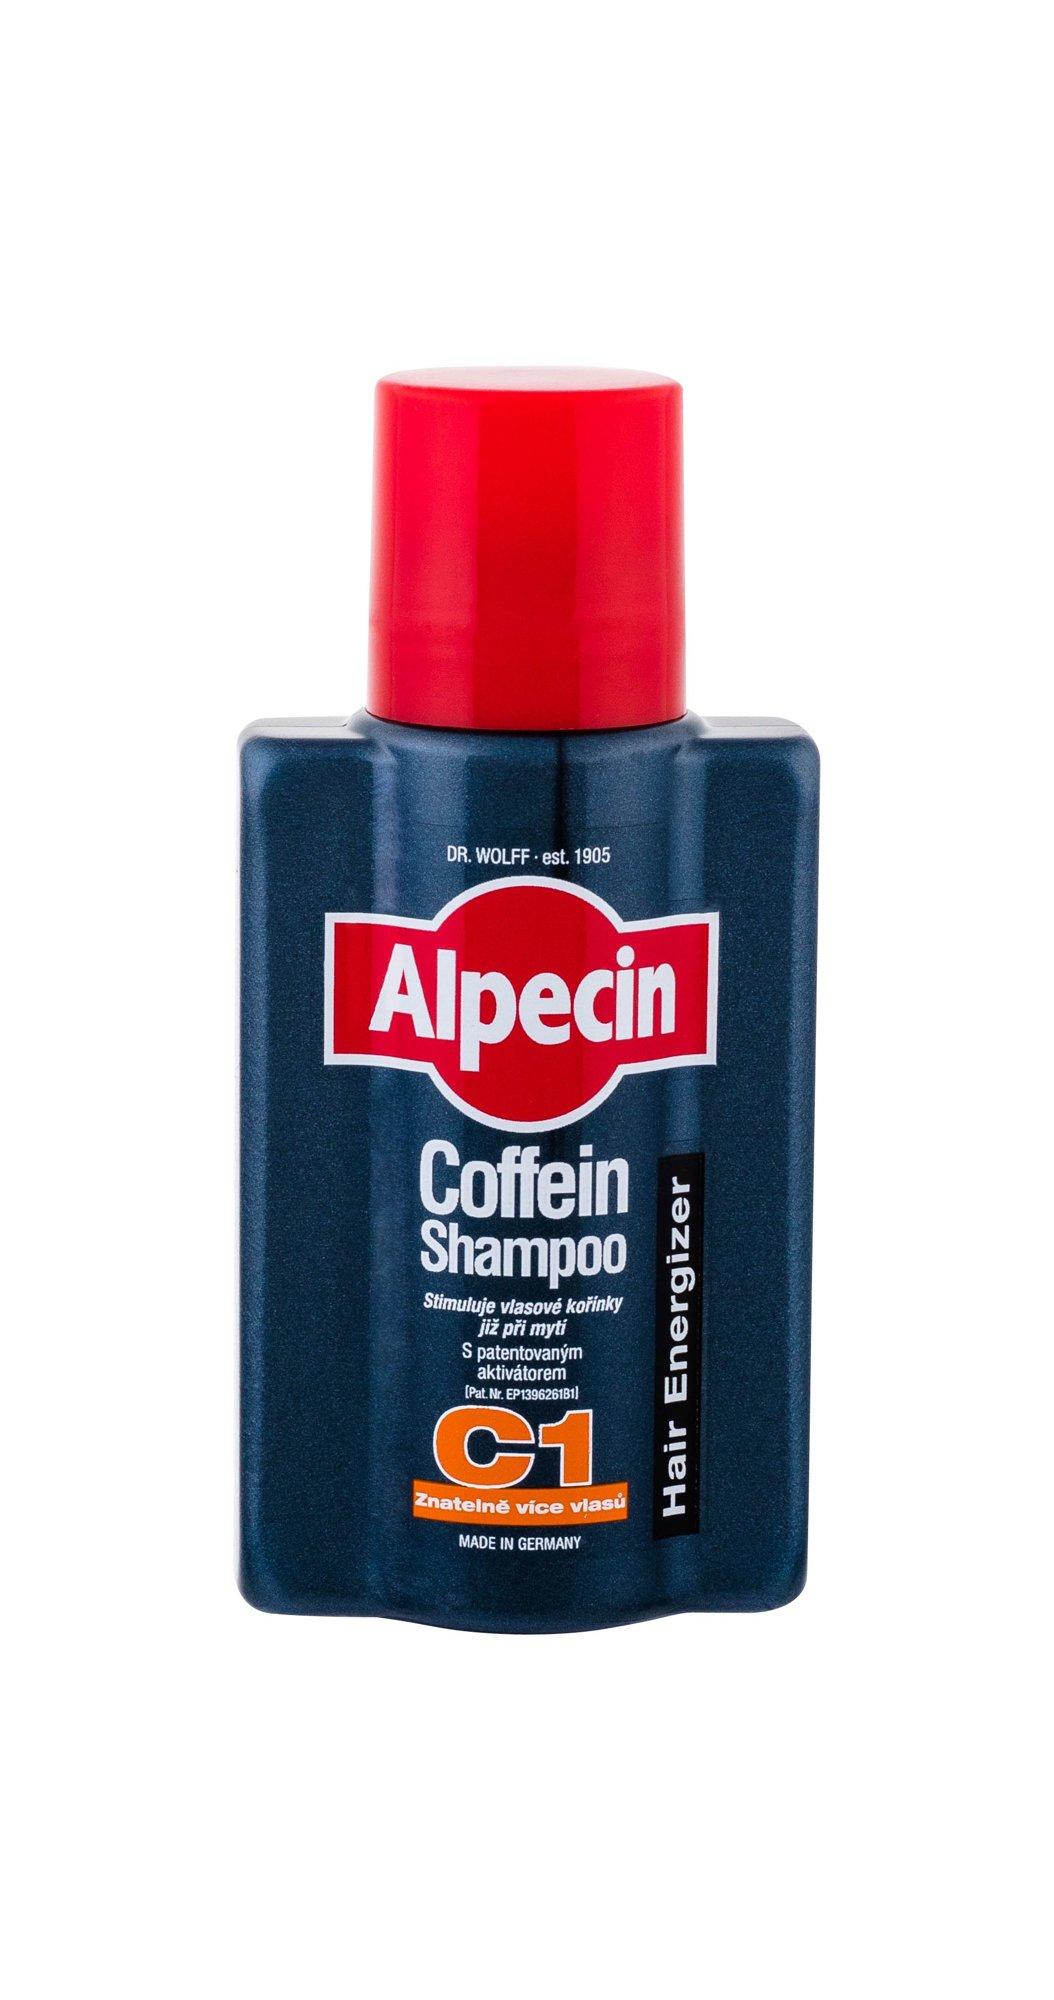 Alpecin Coffein Shampoo C1 Shampoo 75ml